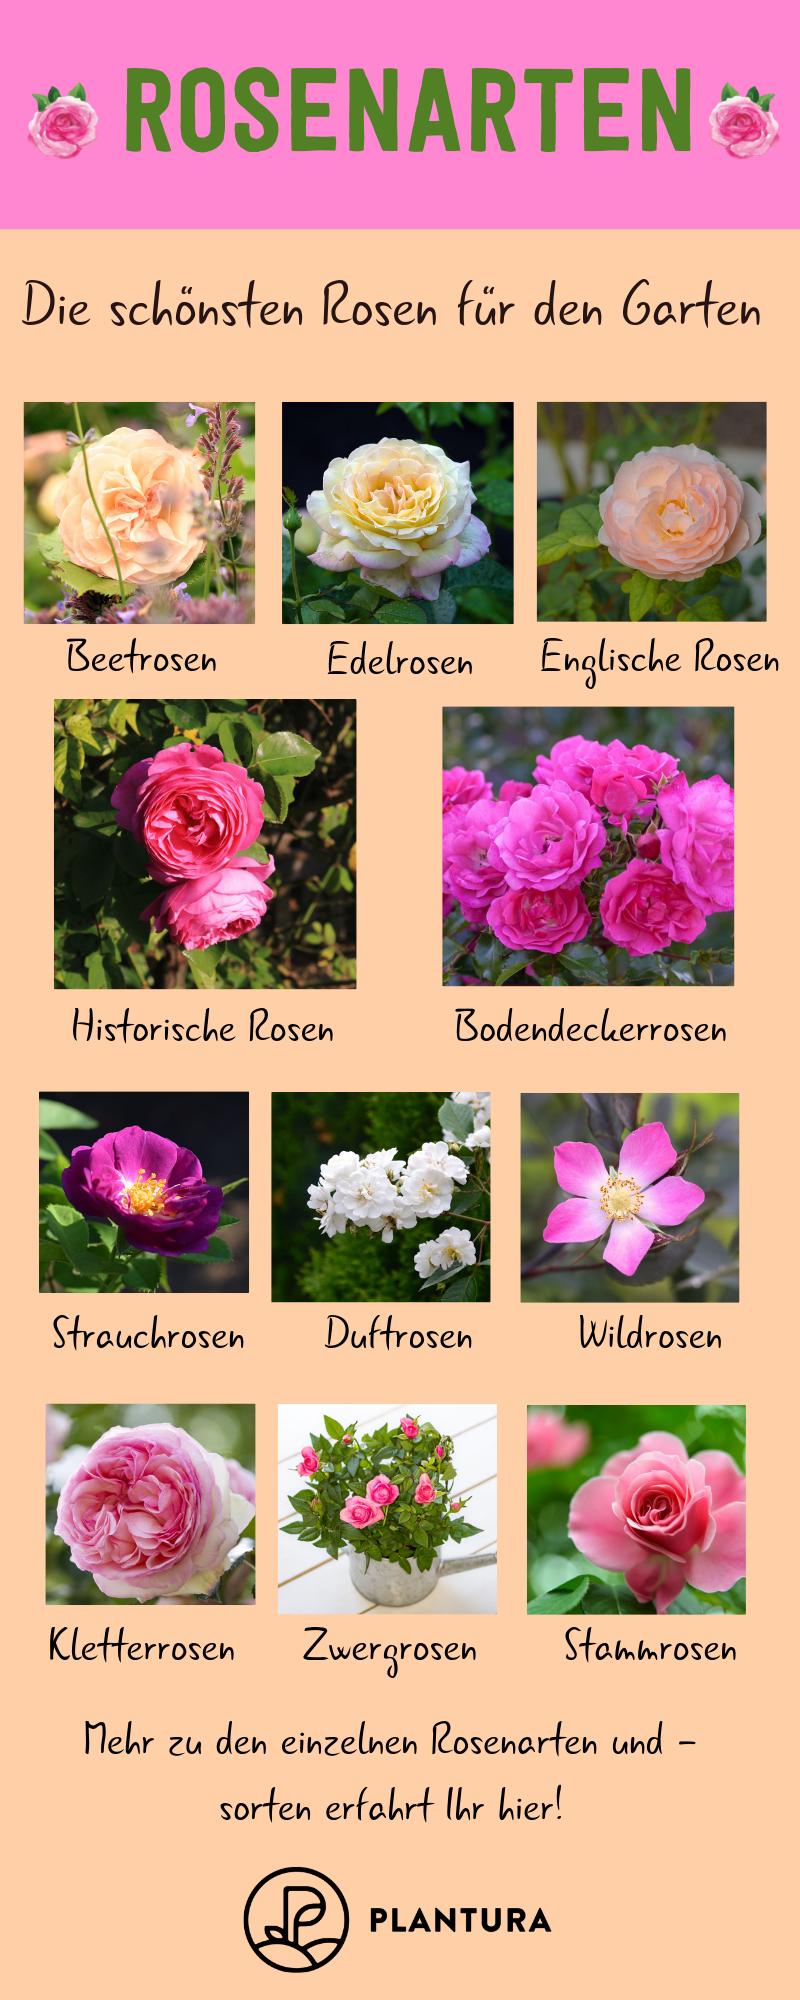 Rosenarten: Die 12 schönsten Rosenklassen im Überblick - Plantura